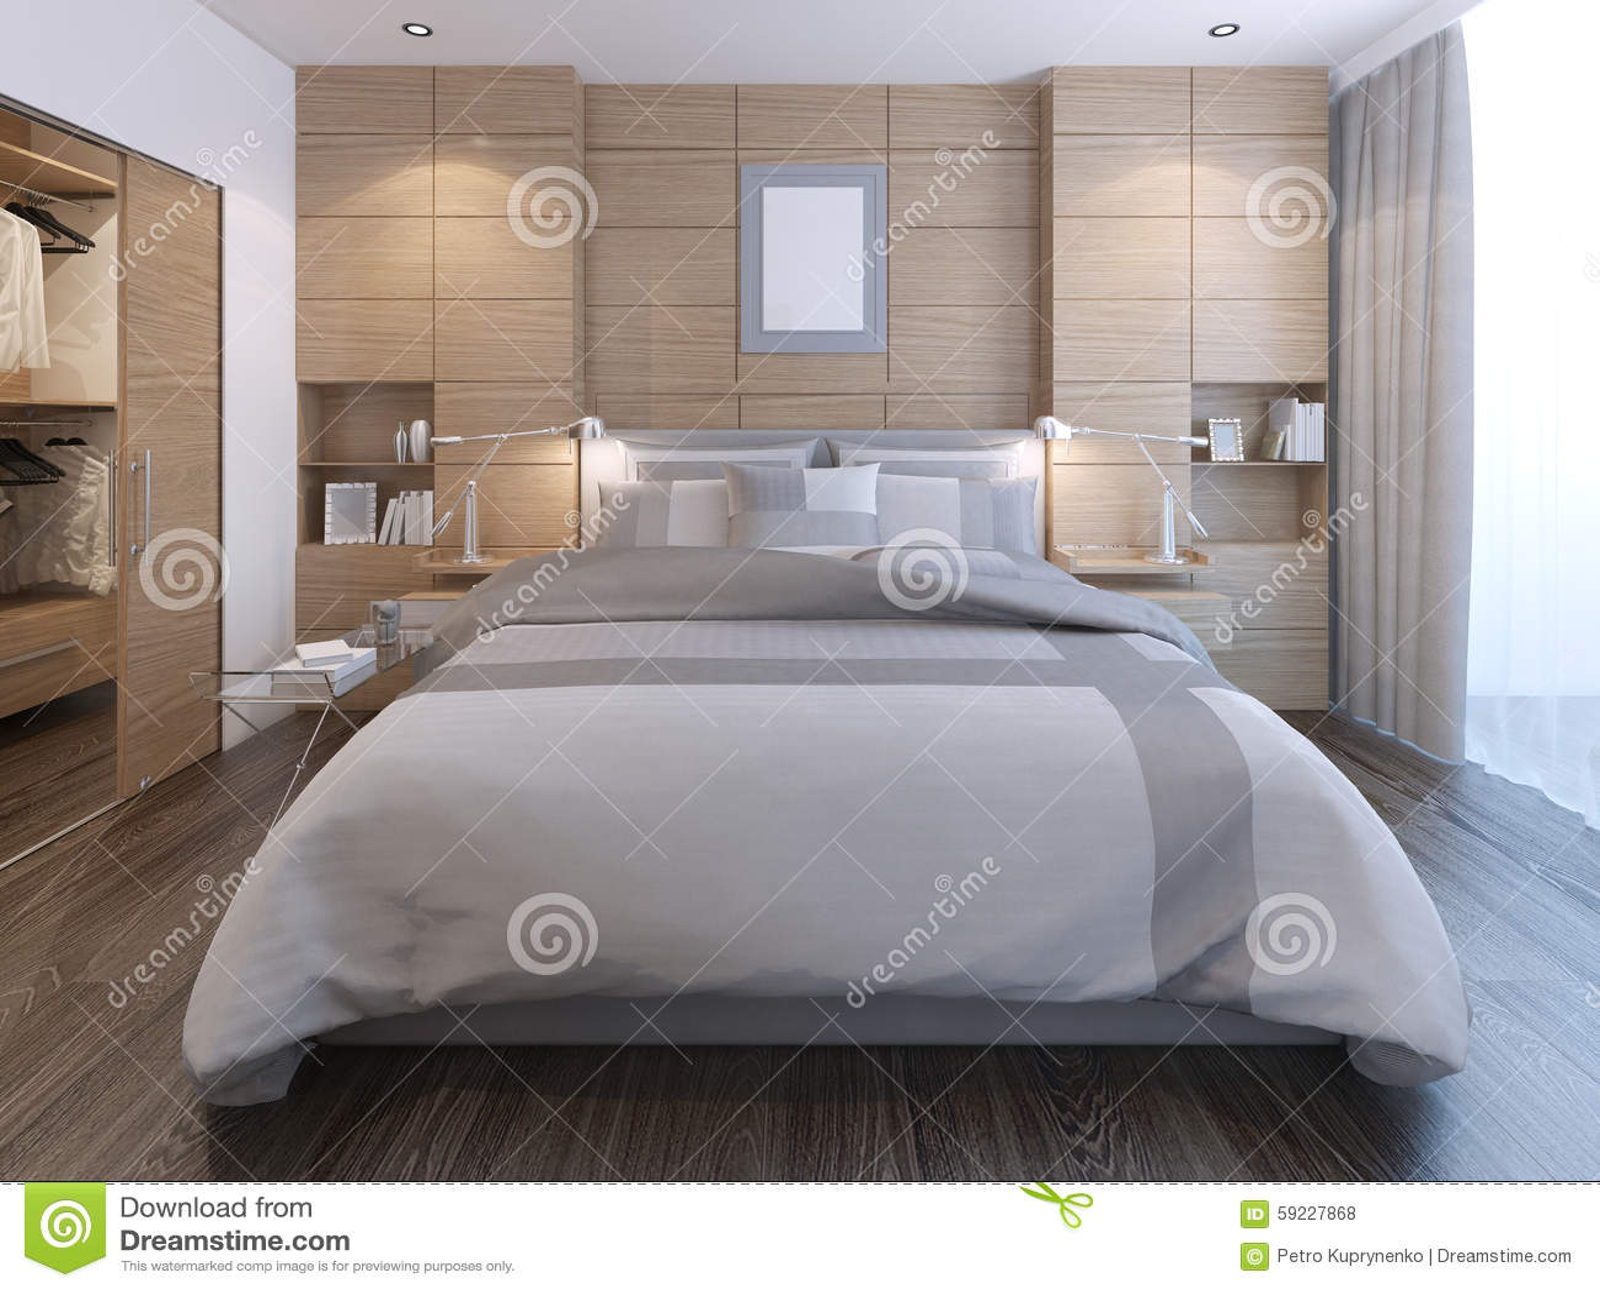 elegante slaapkamer met muurdecoratie stock illustratie, Meubels Ideeën